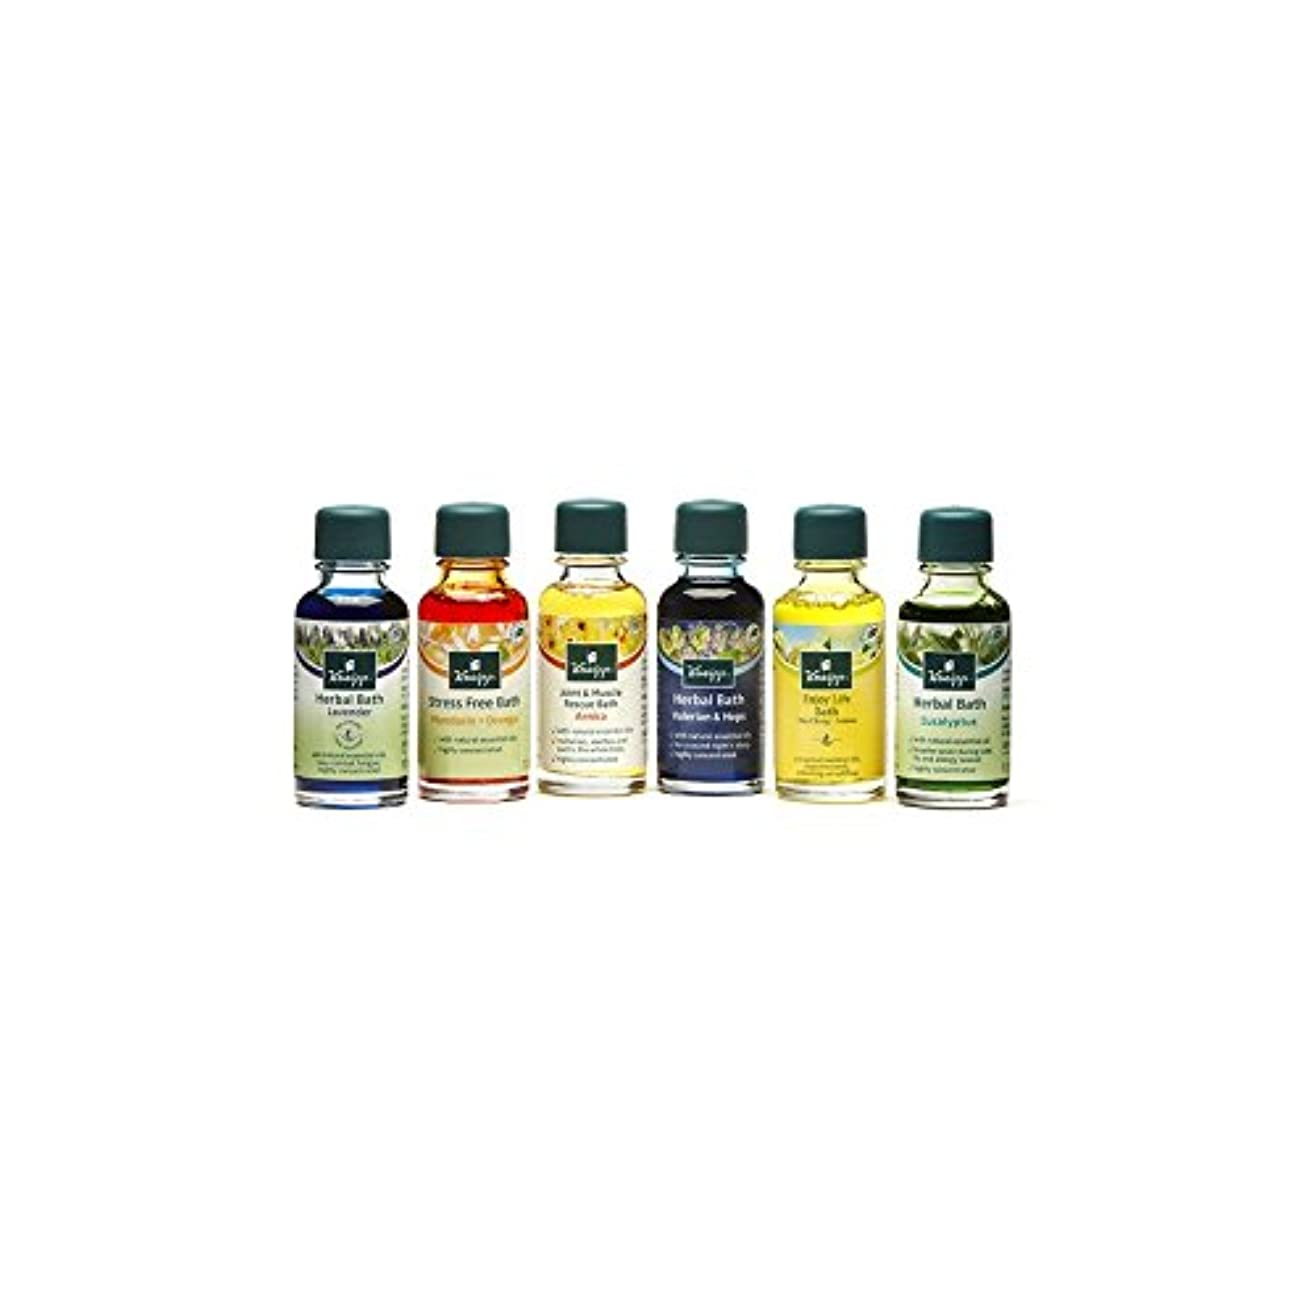 ポケット箱解き明かすKneipp Bath Oil Collection (6 x 20ml) (Pack of 6) - クナイプバスオイルコレクション(6×20ミリリットル) x6 [並行輸入品]